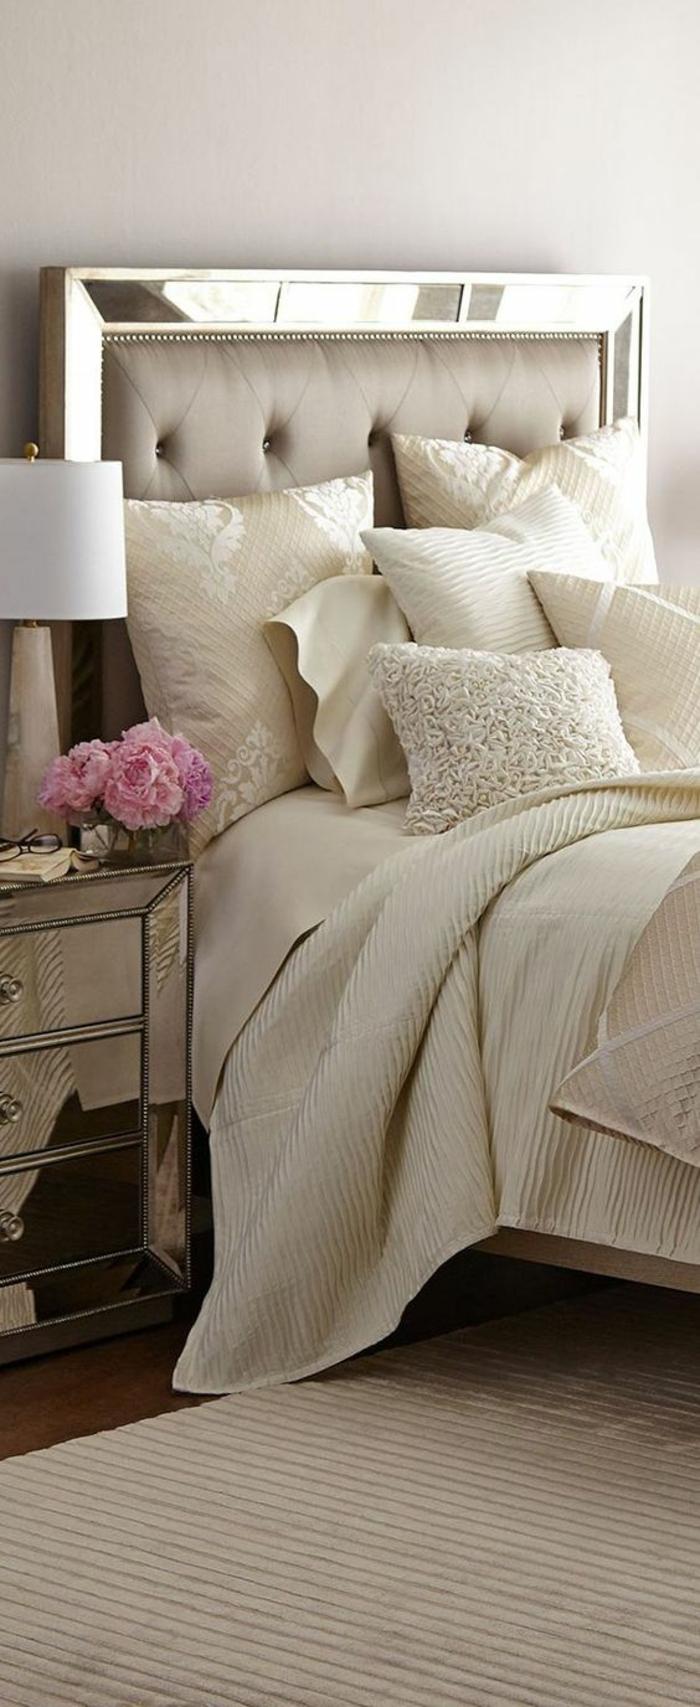 idee deco chambre brillance et glamour en blanc crème avec tiroirs de rangement en miroirs